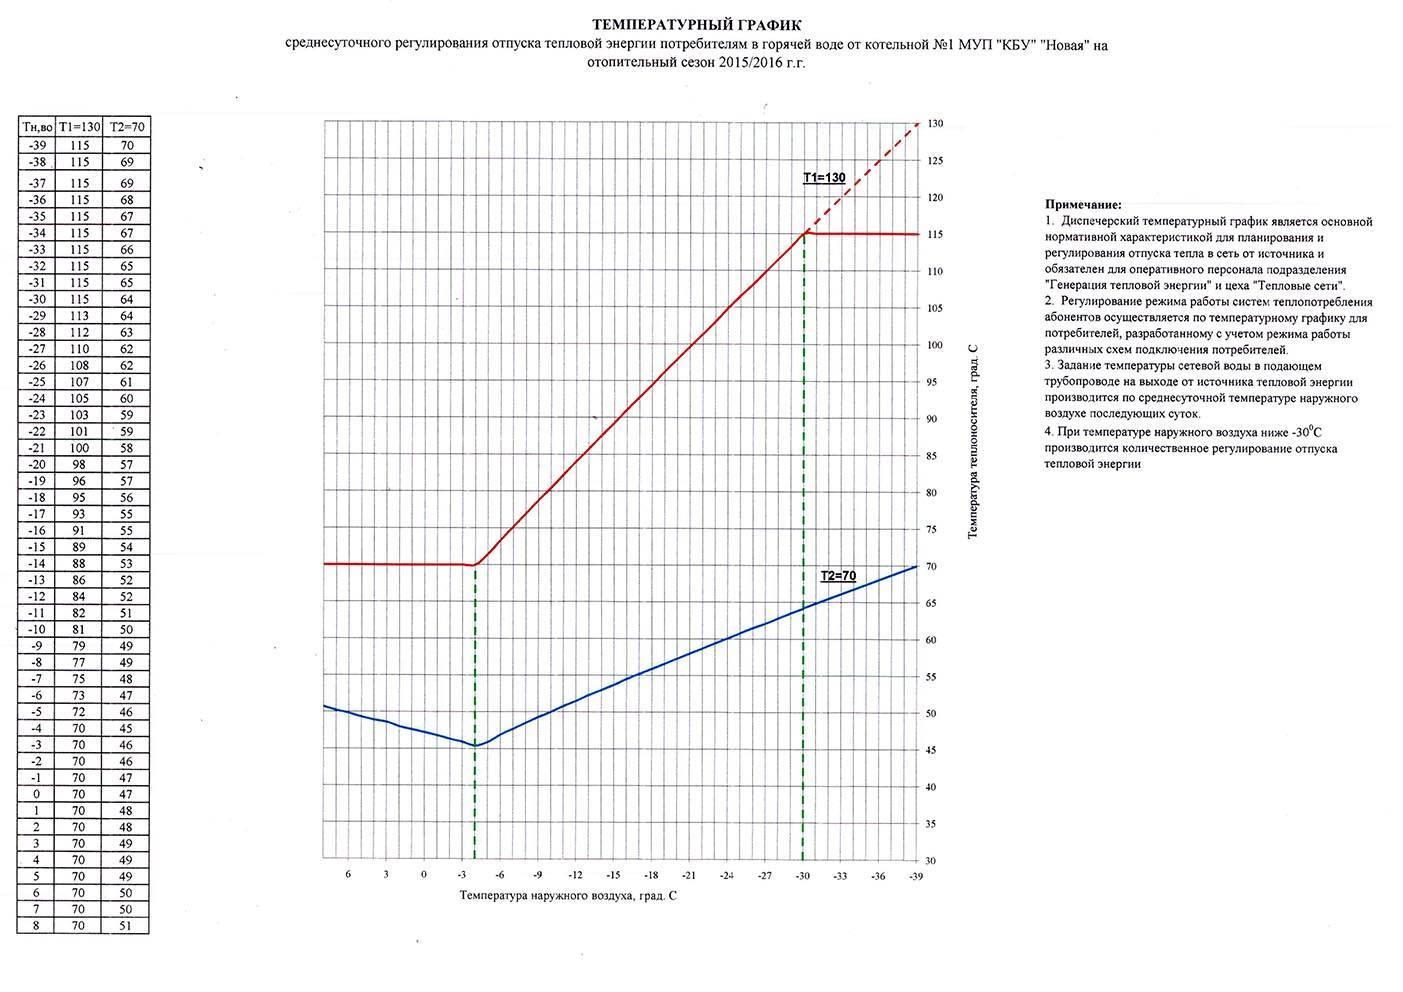 Температурный график системы отопления: подача теплоносителя, температура наружного воздуха для расчета, отопительный сезон